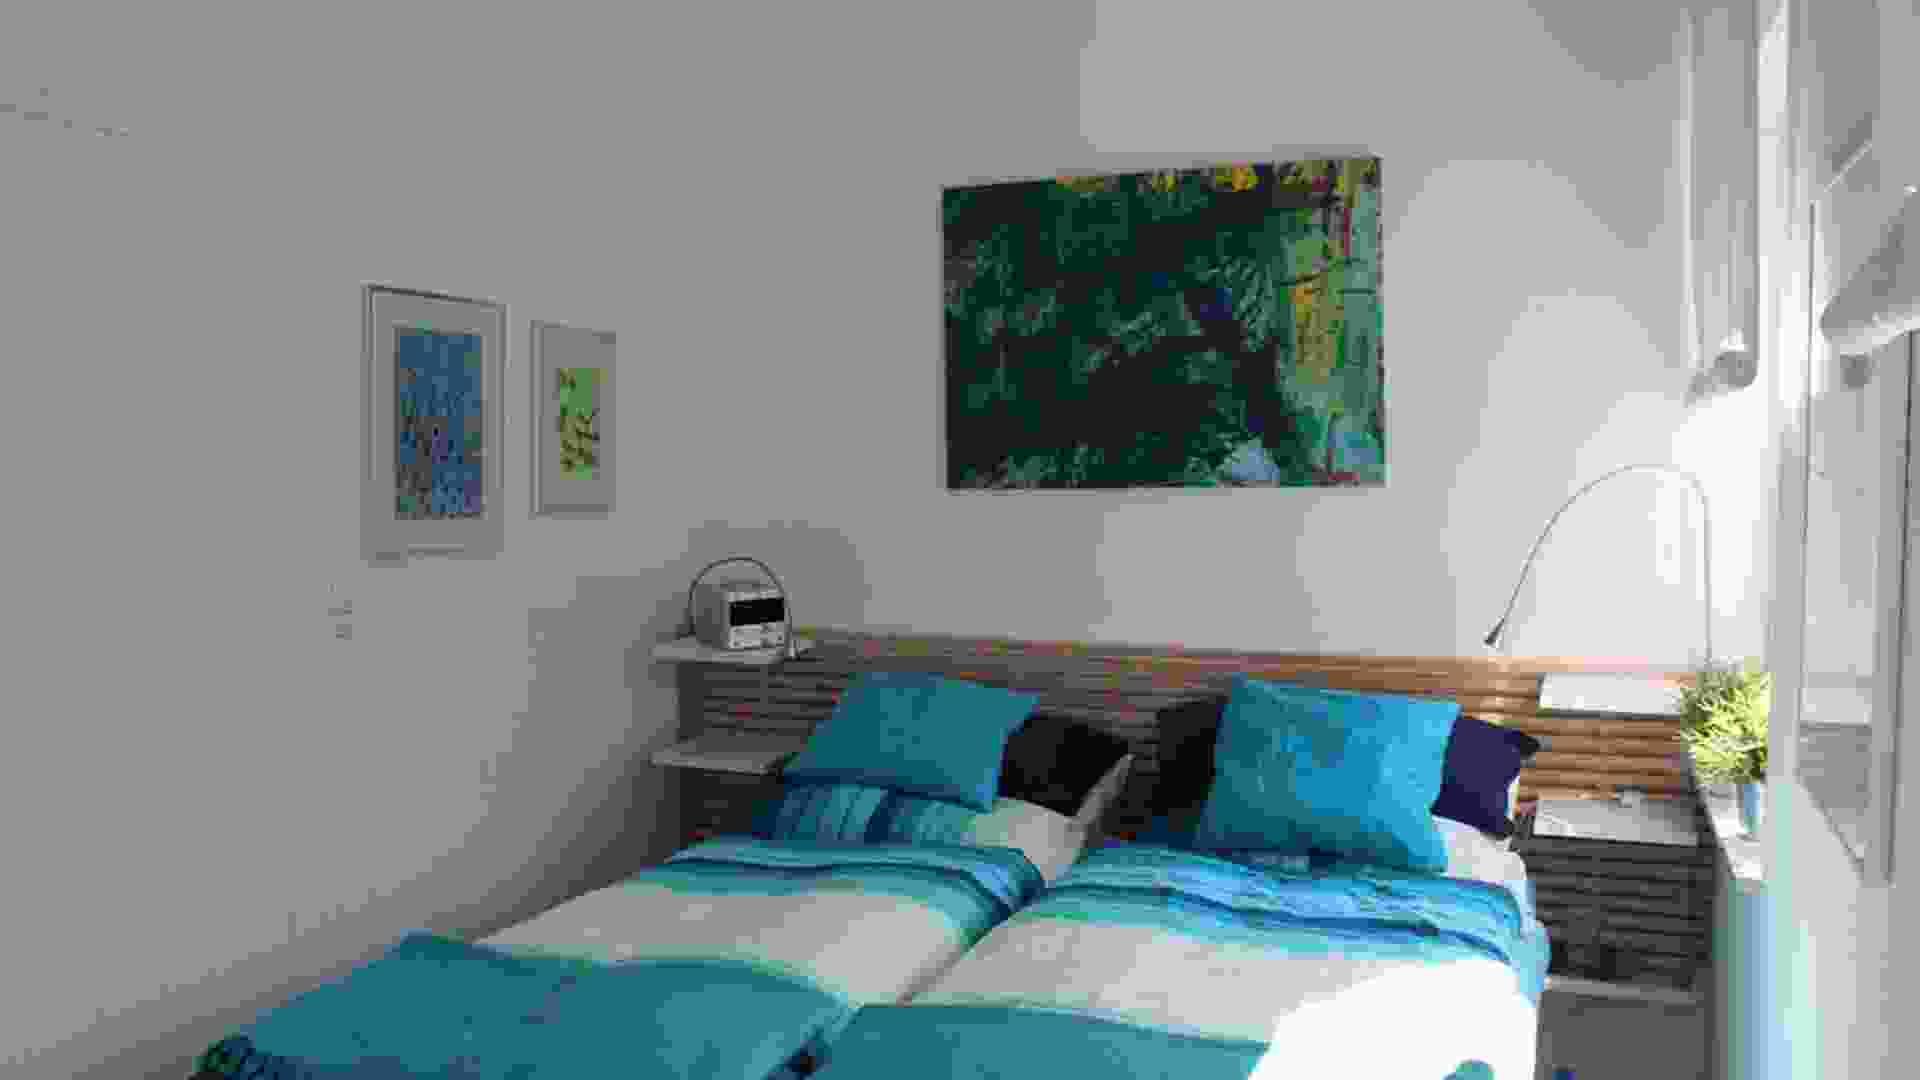 Foto 9, slaapkamer met twee persoons